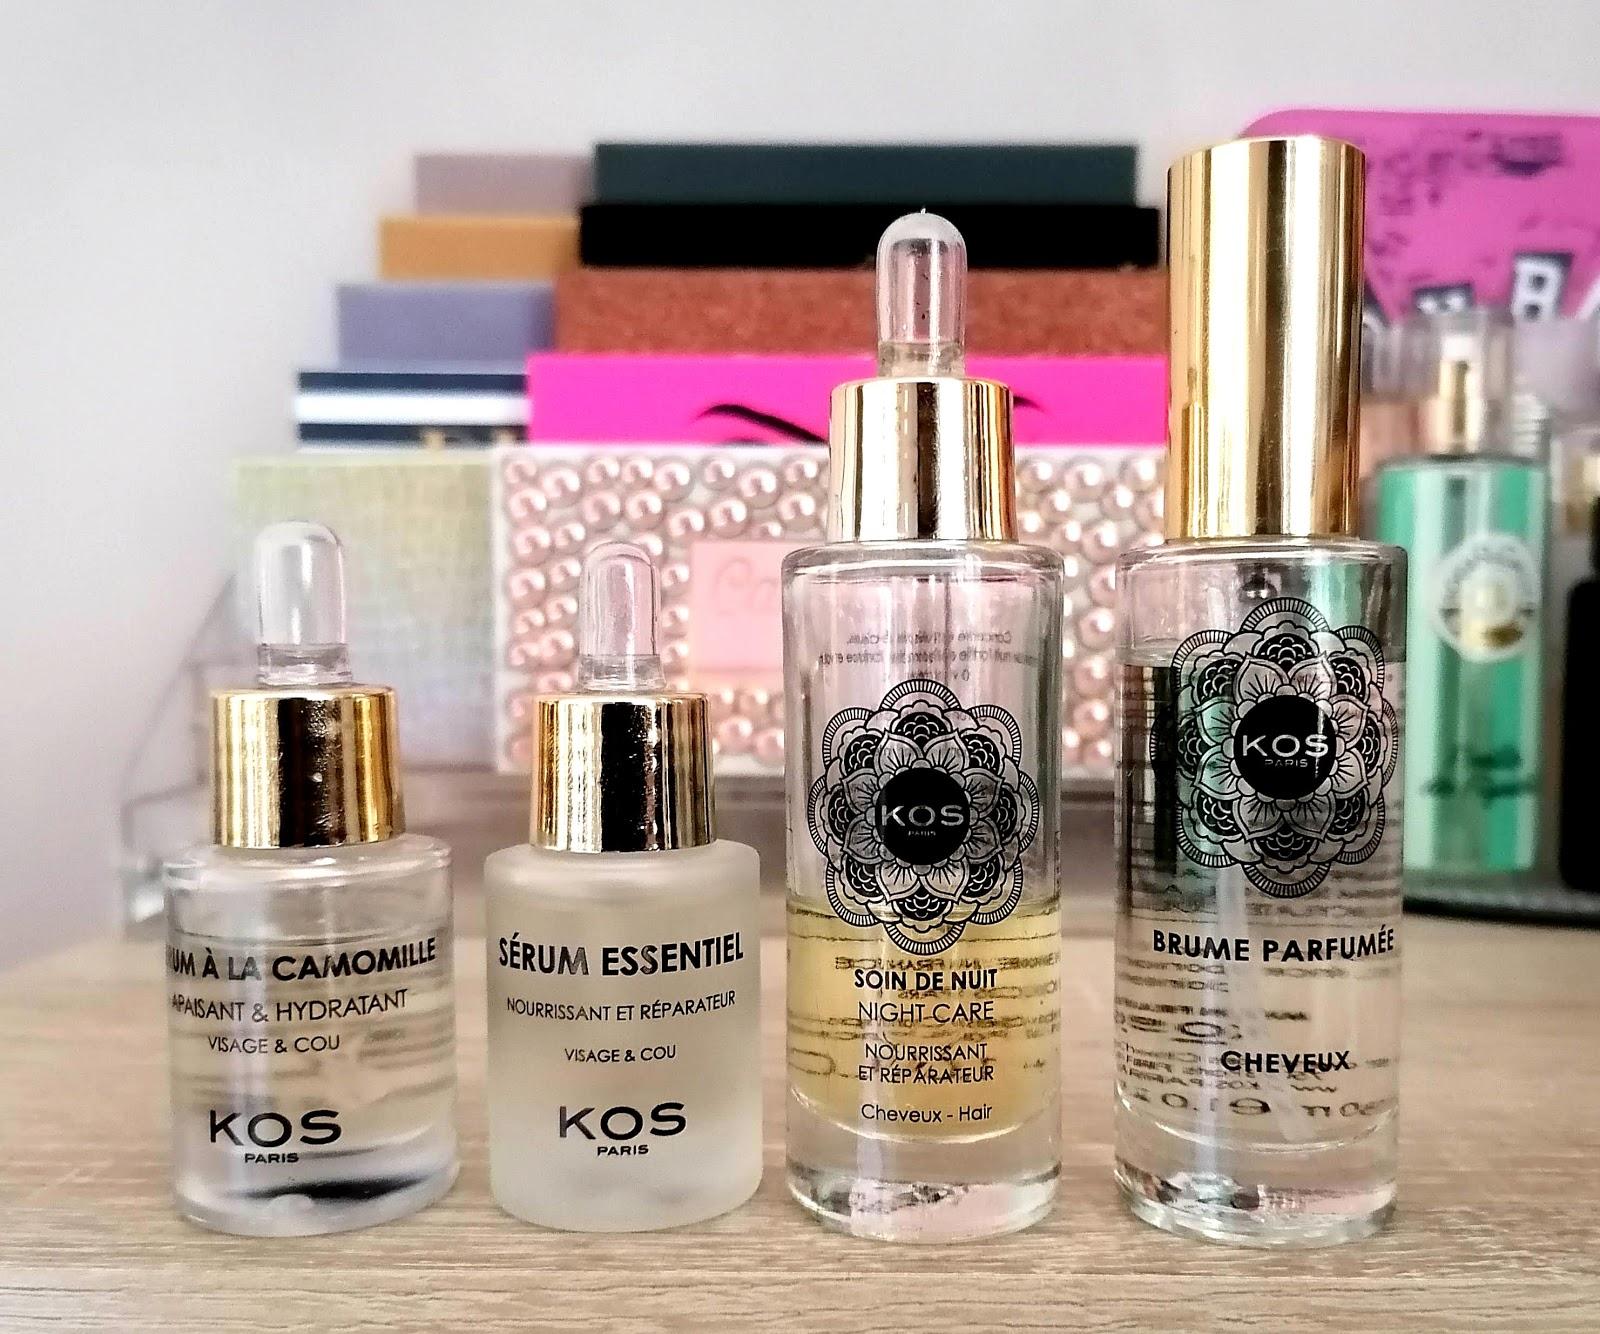 KOS Paris, découverte de la marque aux cosmétiques naturels et haut de gamme